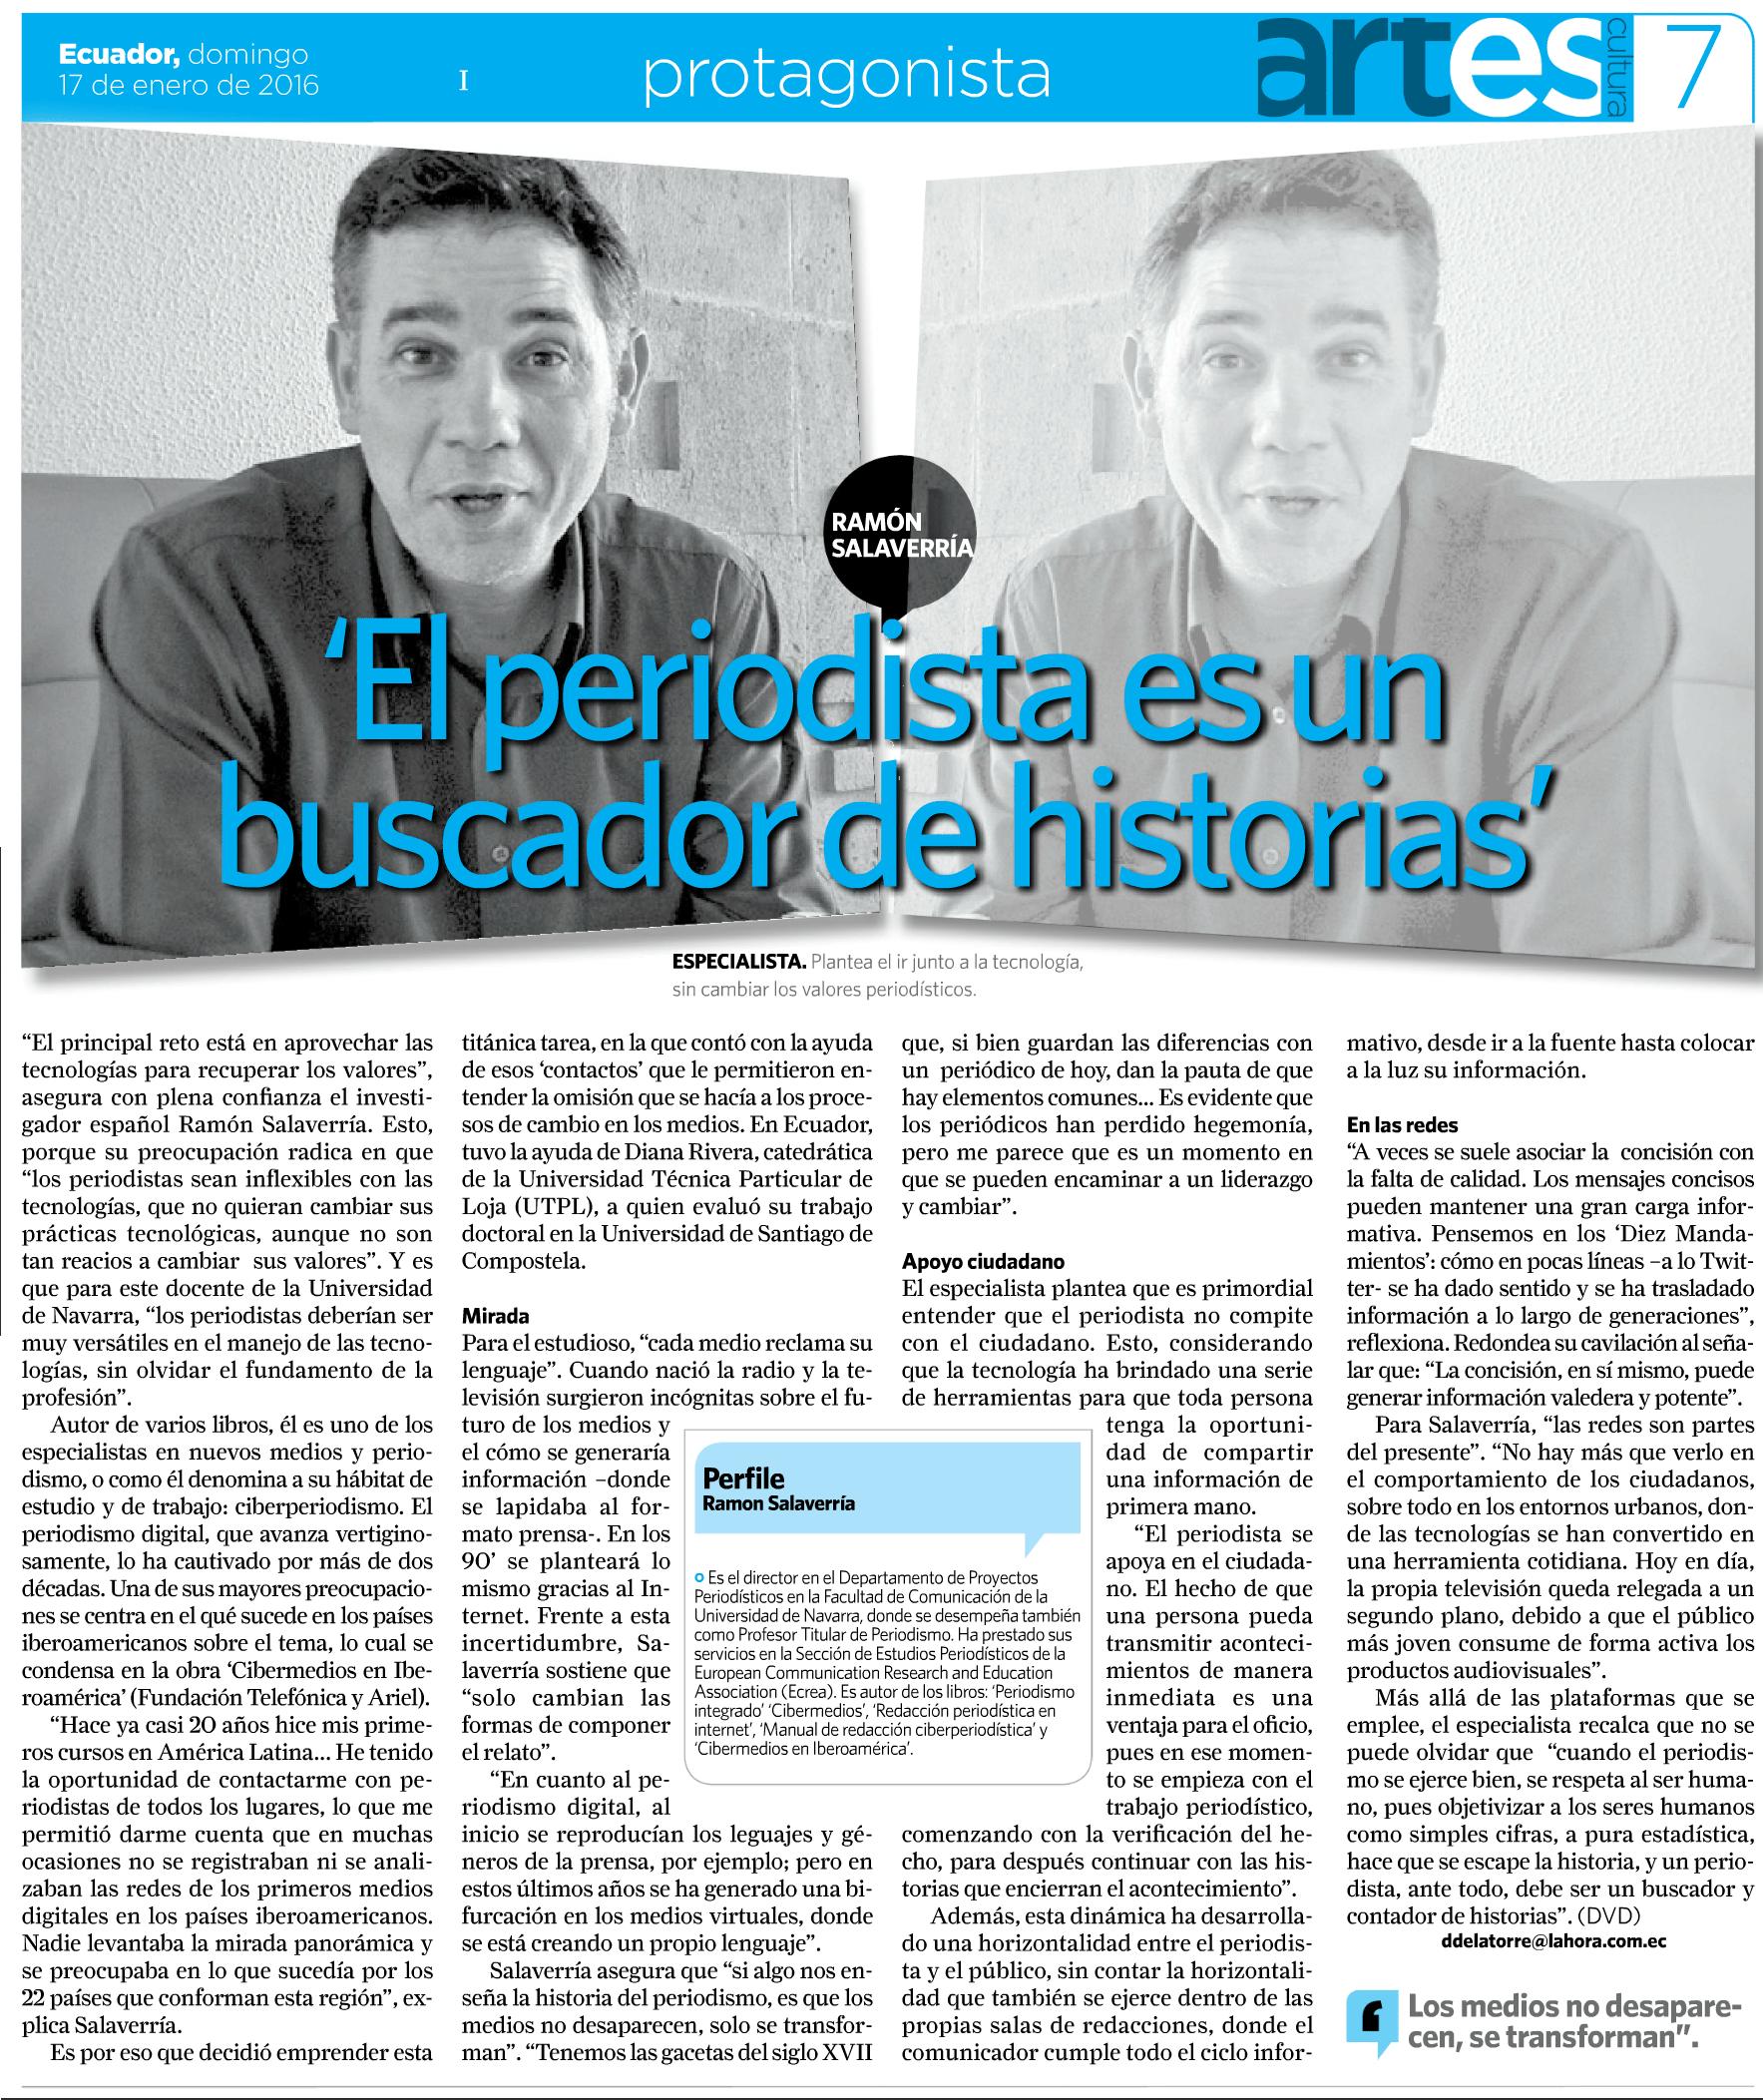 """""""El periodista es un buscador de historias"""", La Hora (Quito, Ecuador), suplemento Artes & Cultura, 16 enero 2016, p. 7. [pdf]"""